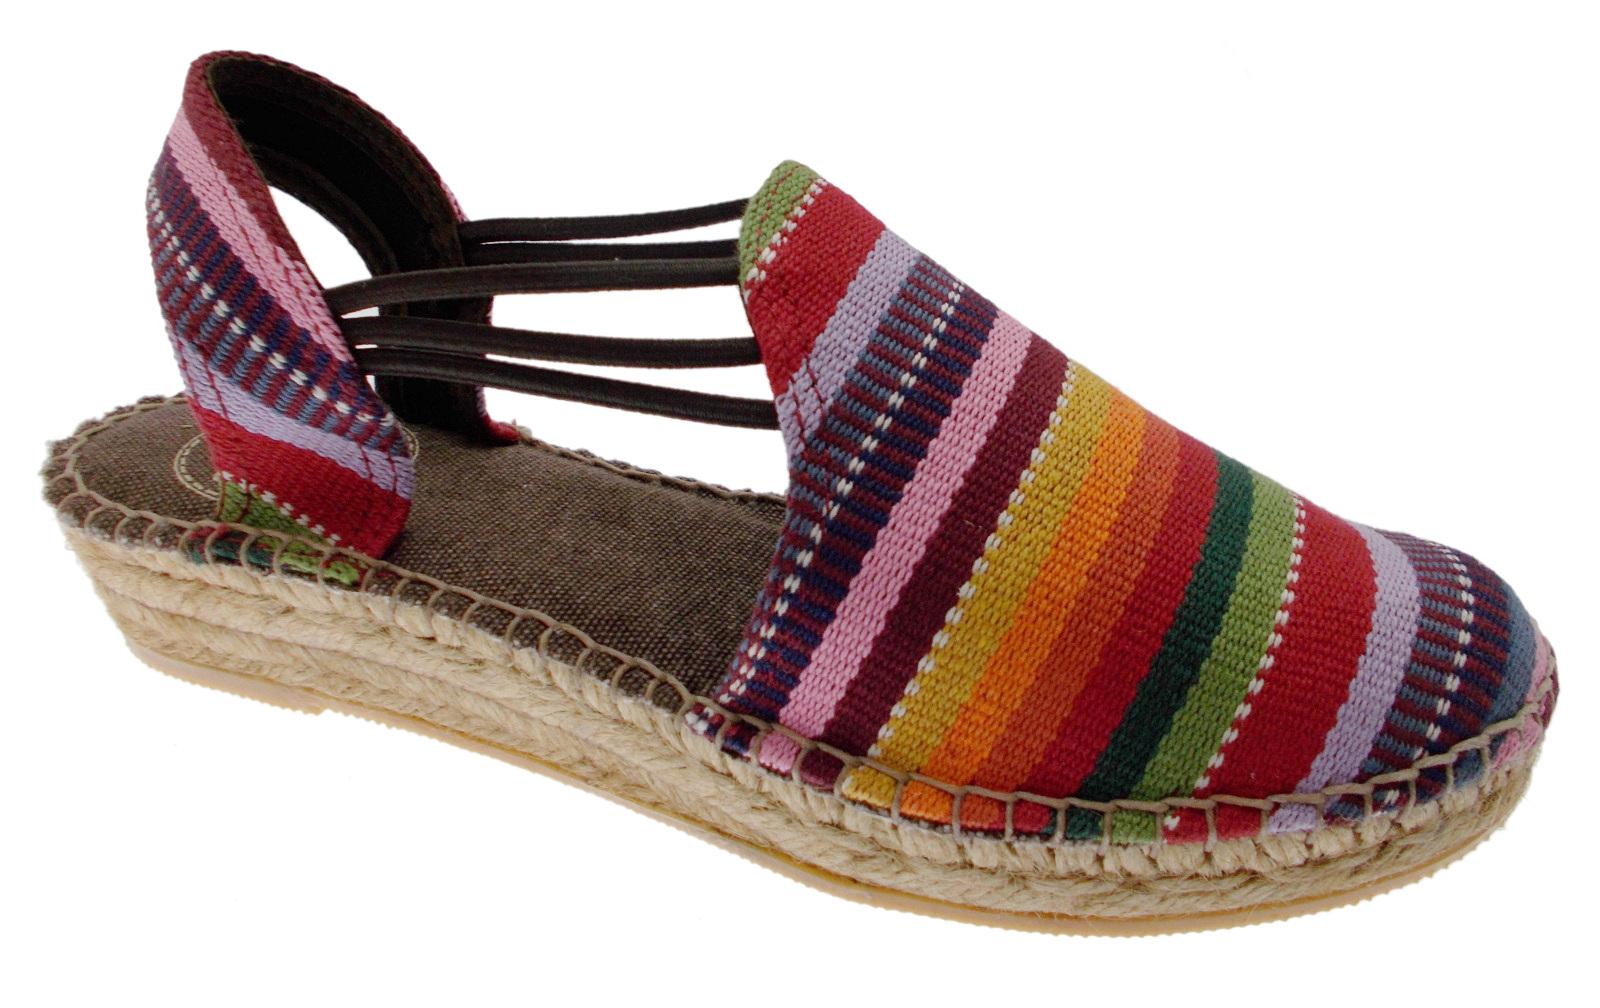 NORMA NORD sandalo  corda multiColor arcobaleno  espadrillas espadrillas espadrillas Toni Pons  orden ahora disfrutar de gran descuento